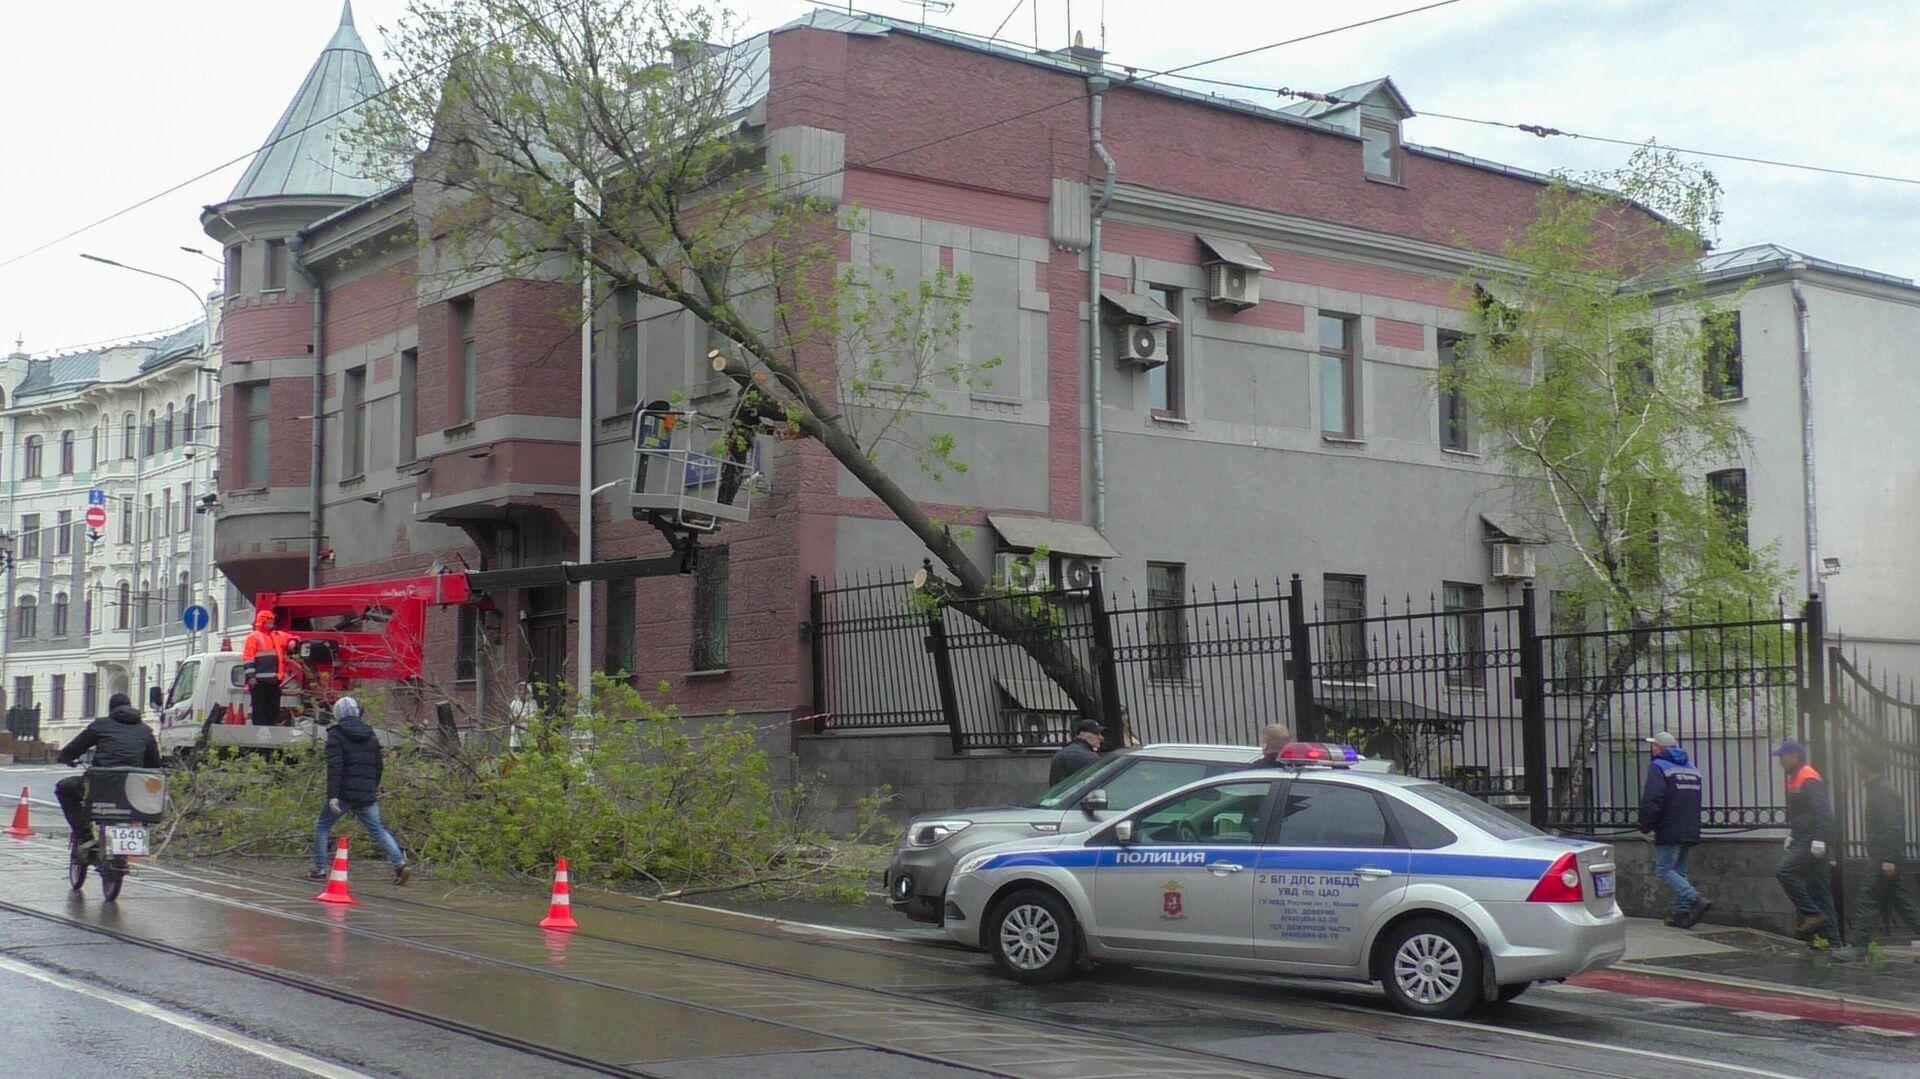 Аварийные службы устраняют последствия упавшего дерева на проезжую часть на Яузском бульваре - РИА Новости, 1920, 06.05.2021